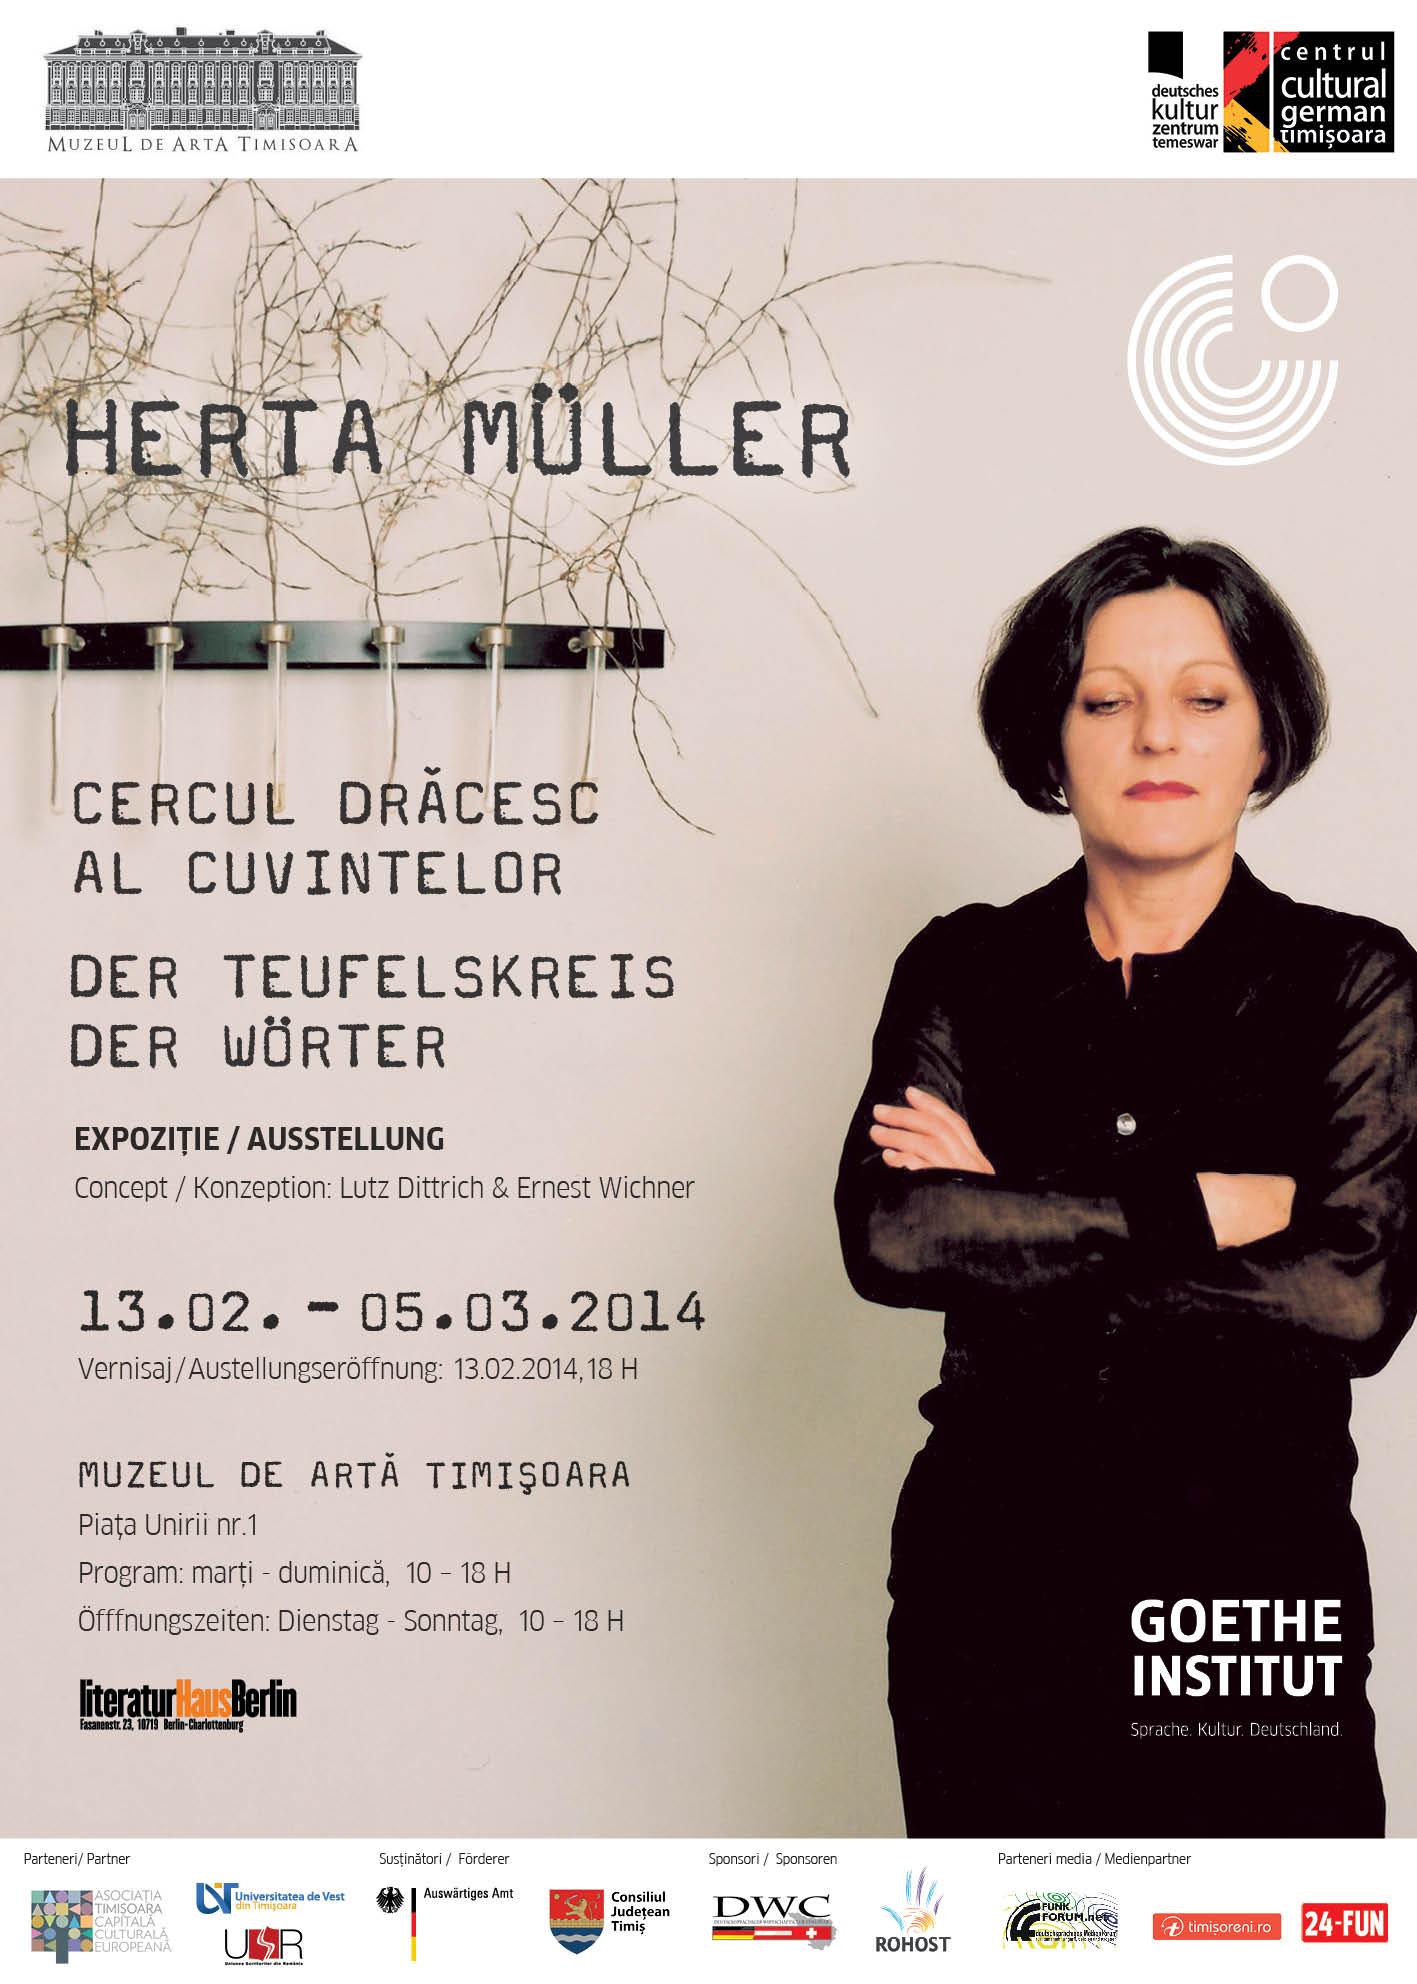 """Expoziția """"Herta Müller: Cercul drăcesc al cuvintelor"""" @ Muzeul de Artă Timişoara"""